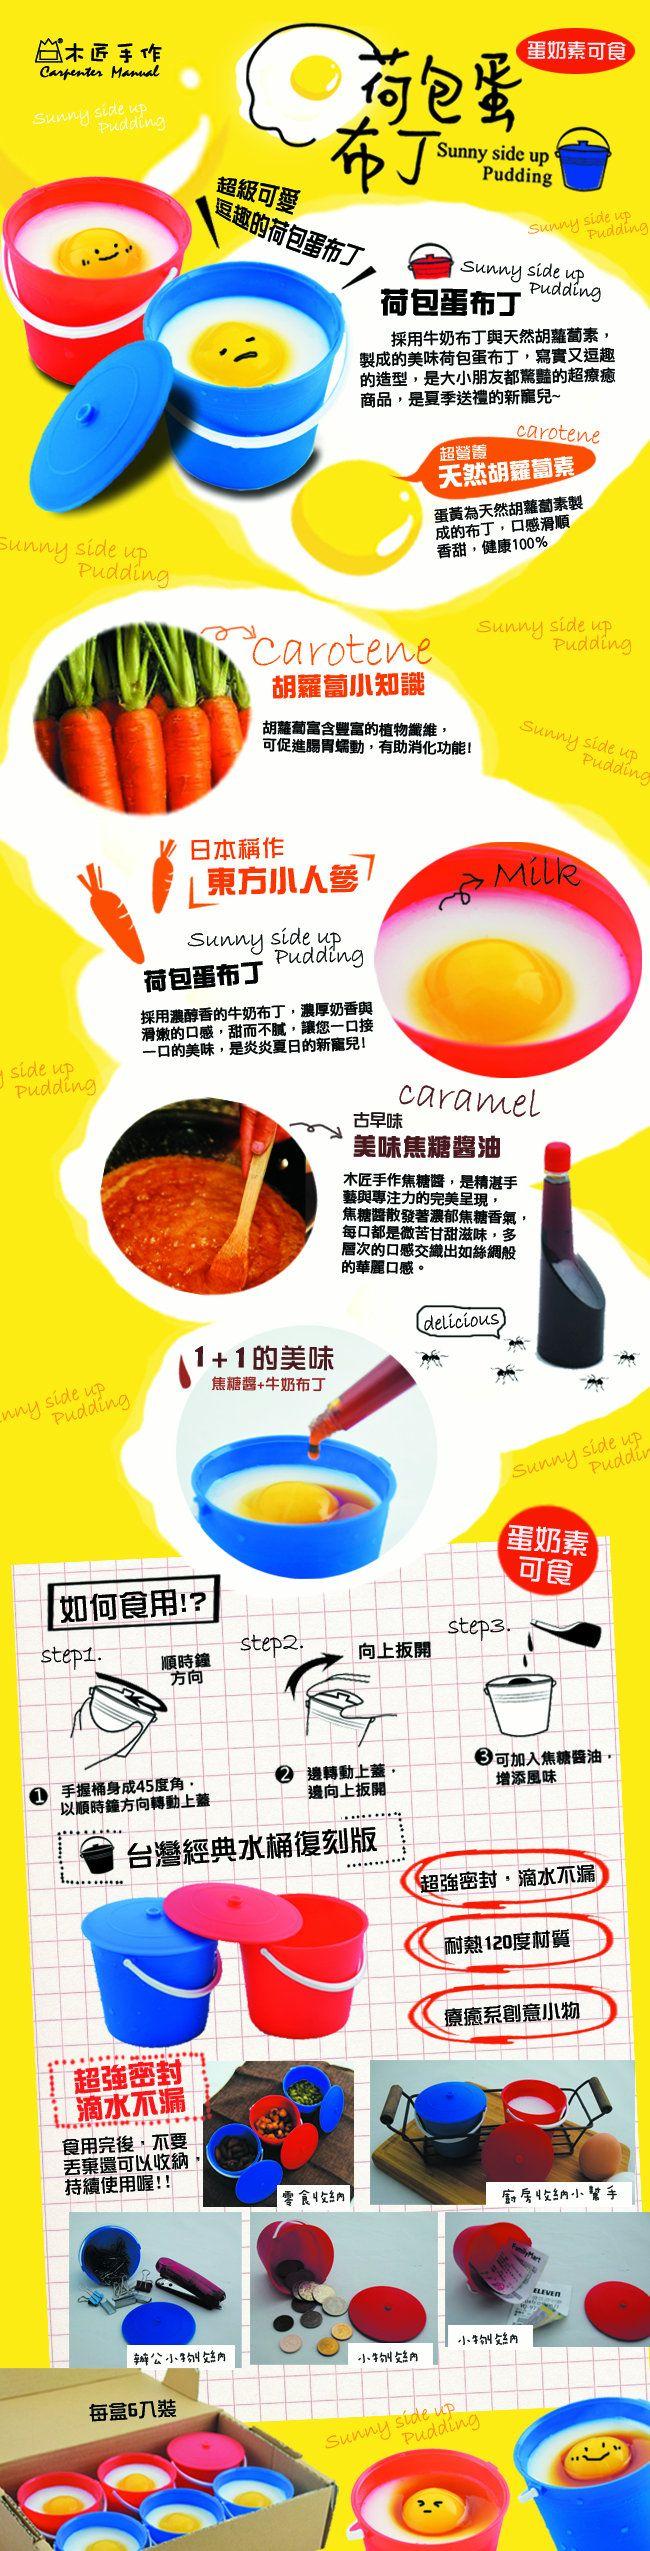 木匠手作 |台灣樂天市場:團購優惠-荷包蛋布丁(10盒以上)